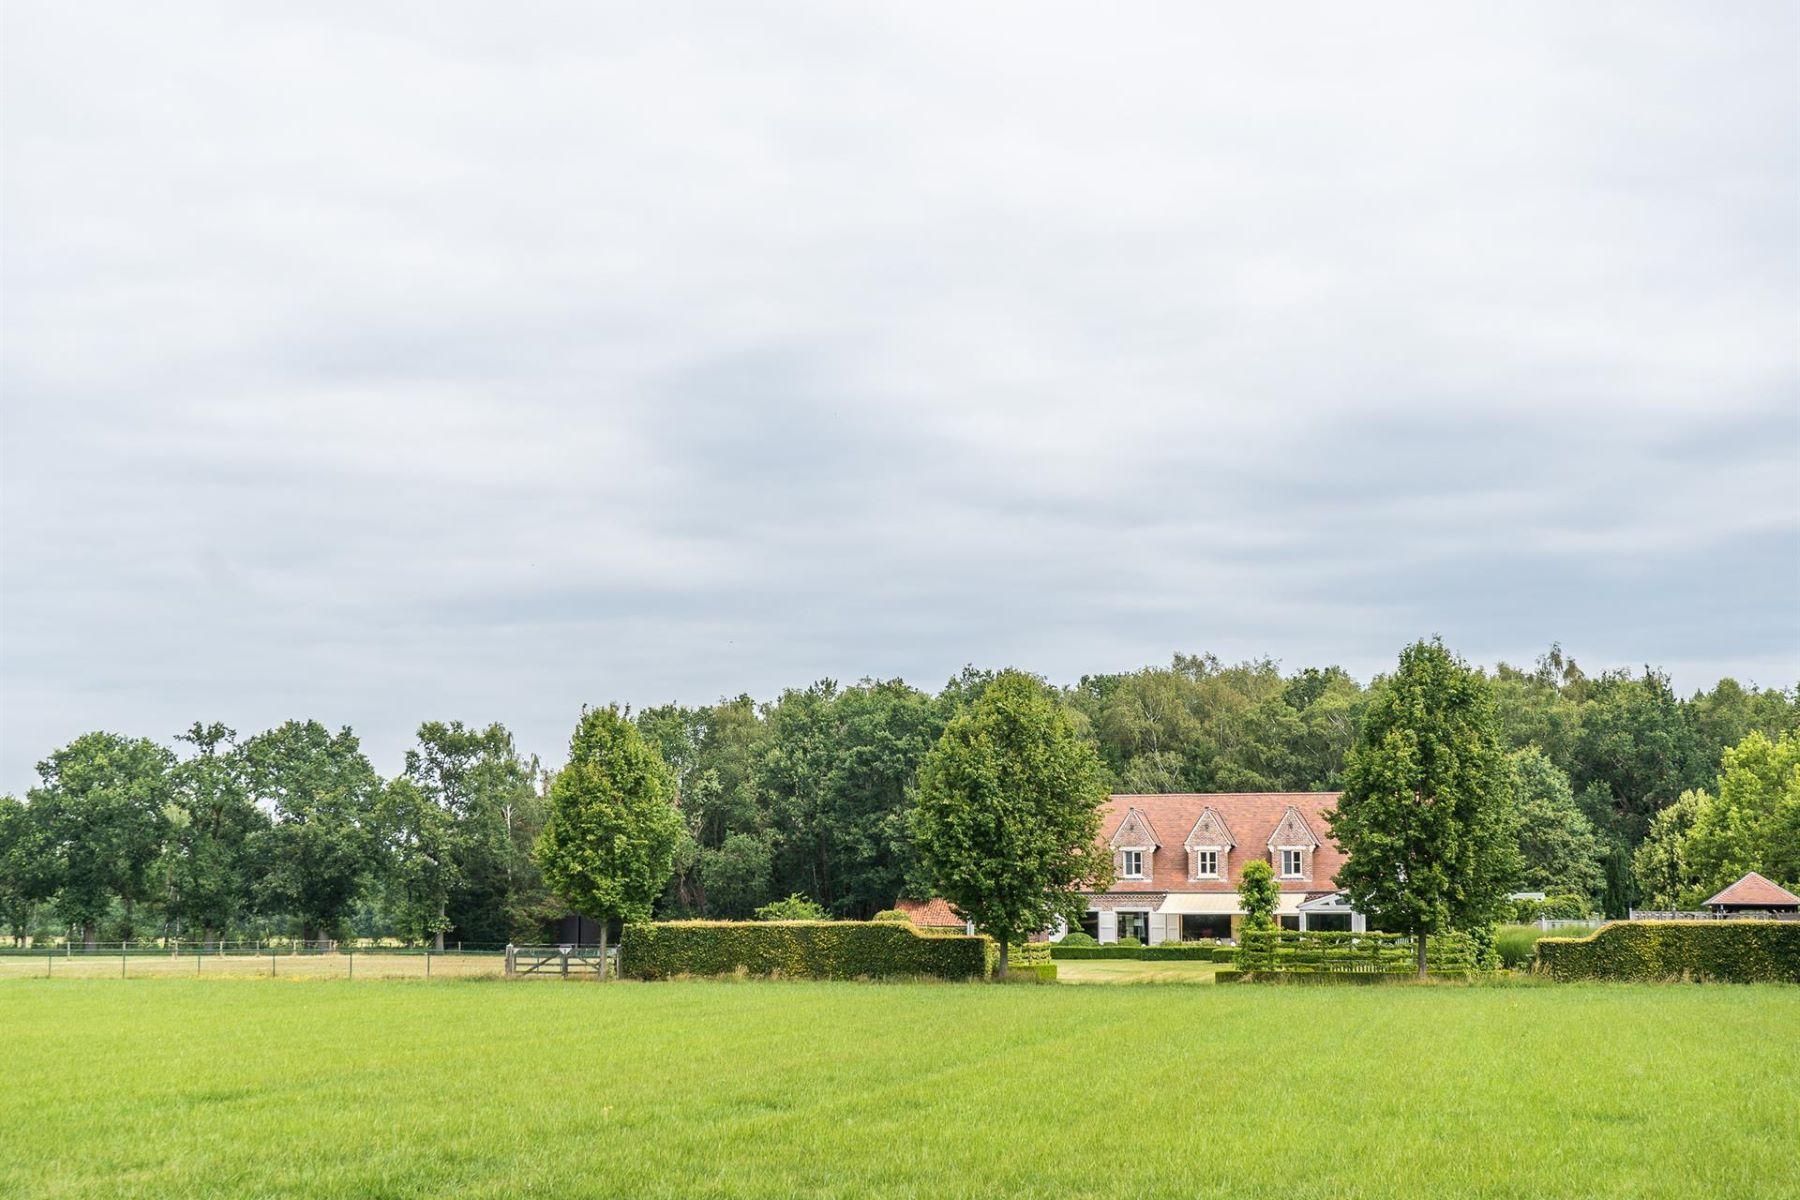 农场 / 牧场 / 种植园 为 销售 在 Antwerp I Equestrian property Retie, Antwerp 2470 比利时